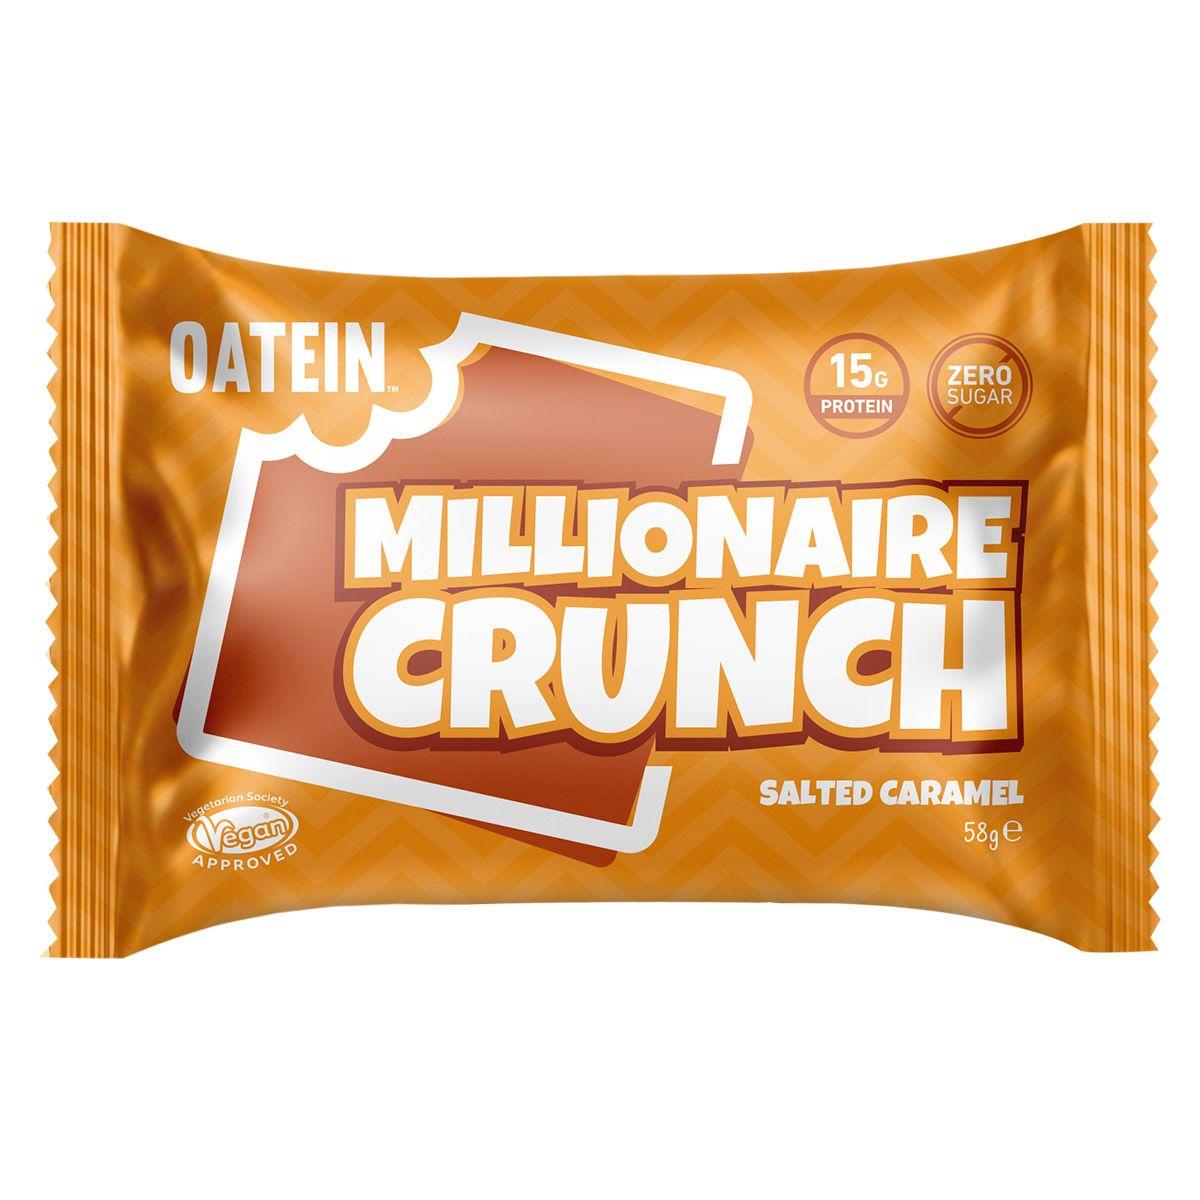 Oatein Millionaire Crunch - Salted Caramel 58g